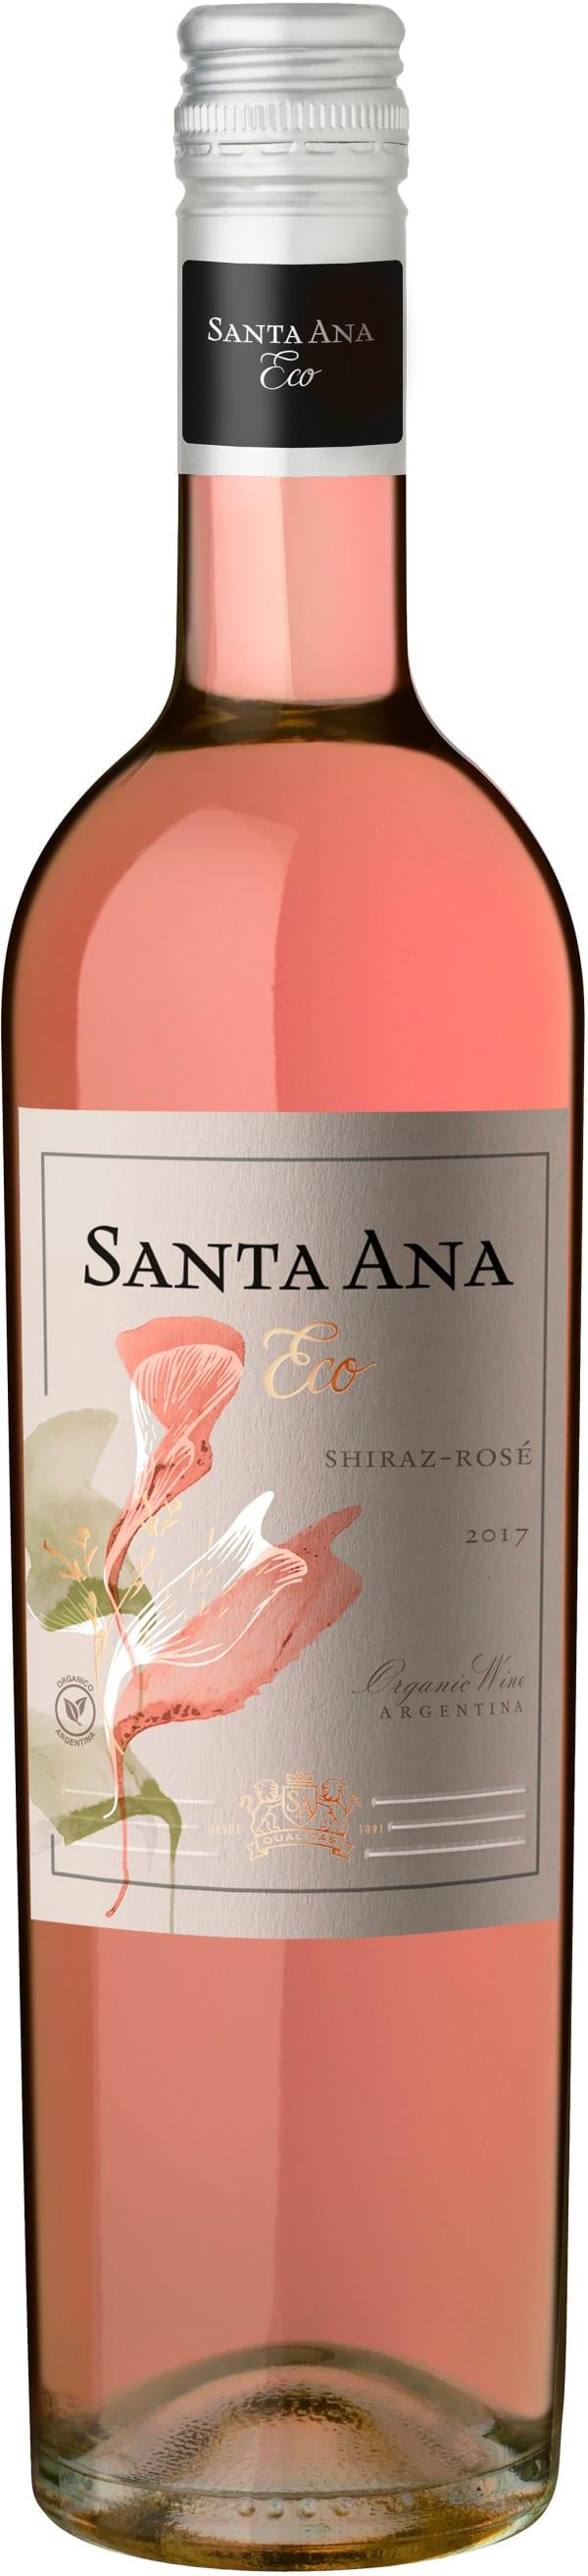 Santa Ana Organic Shiraz Rosé 2017